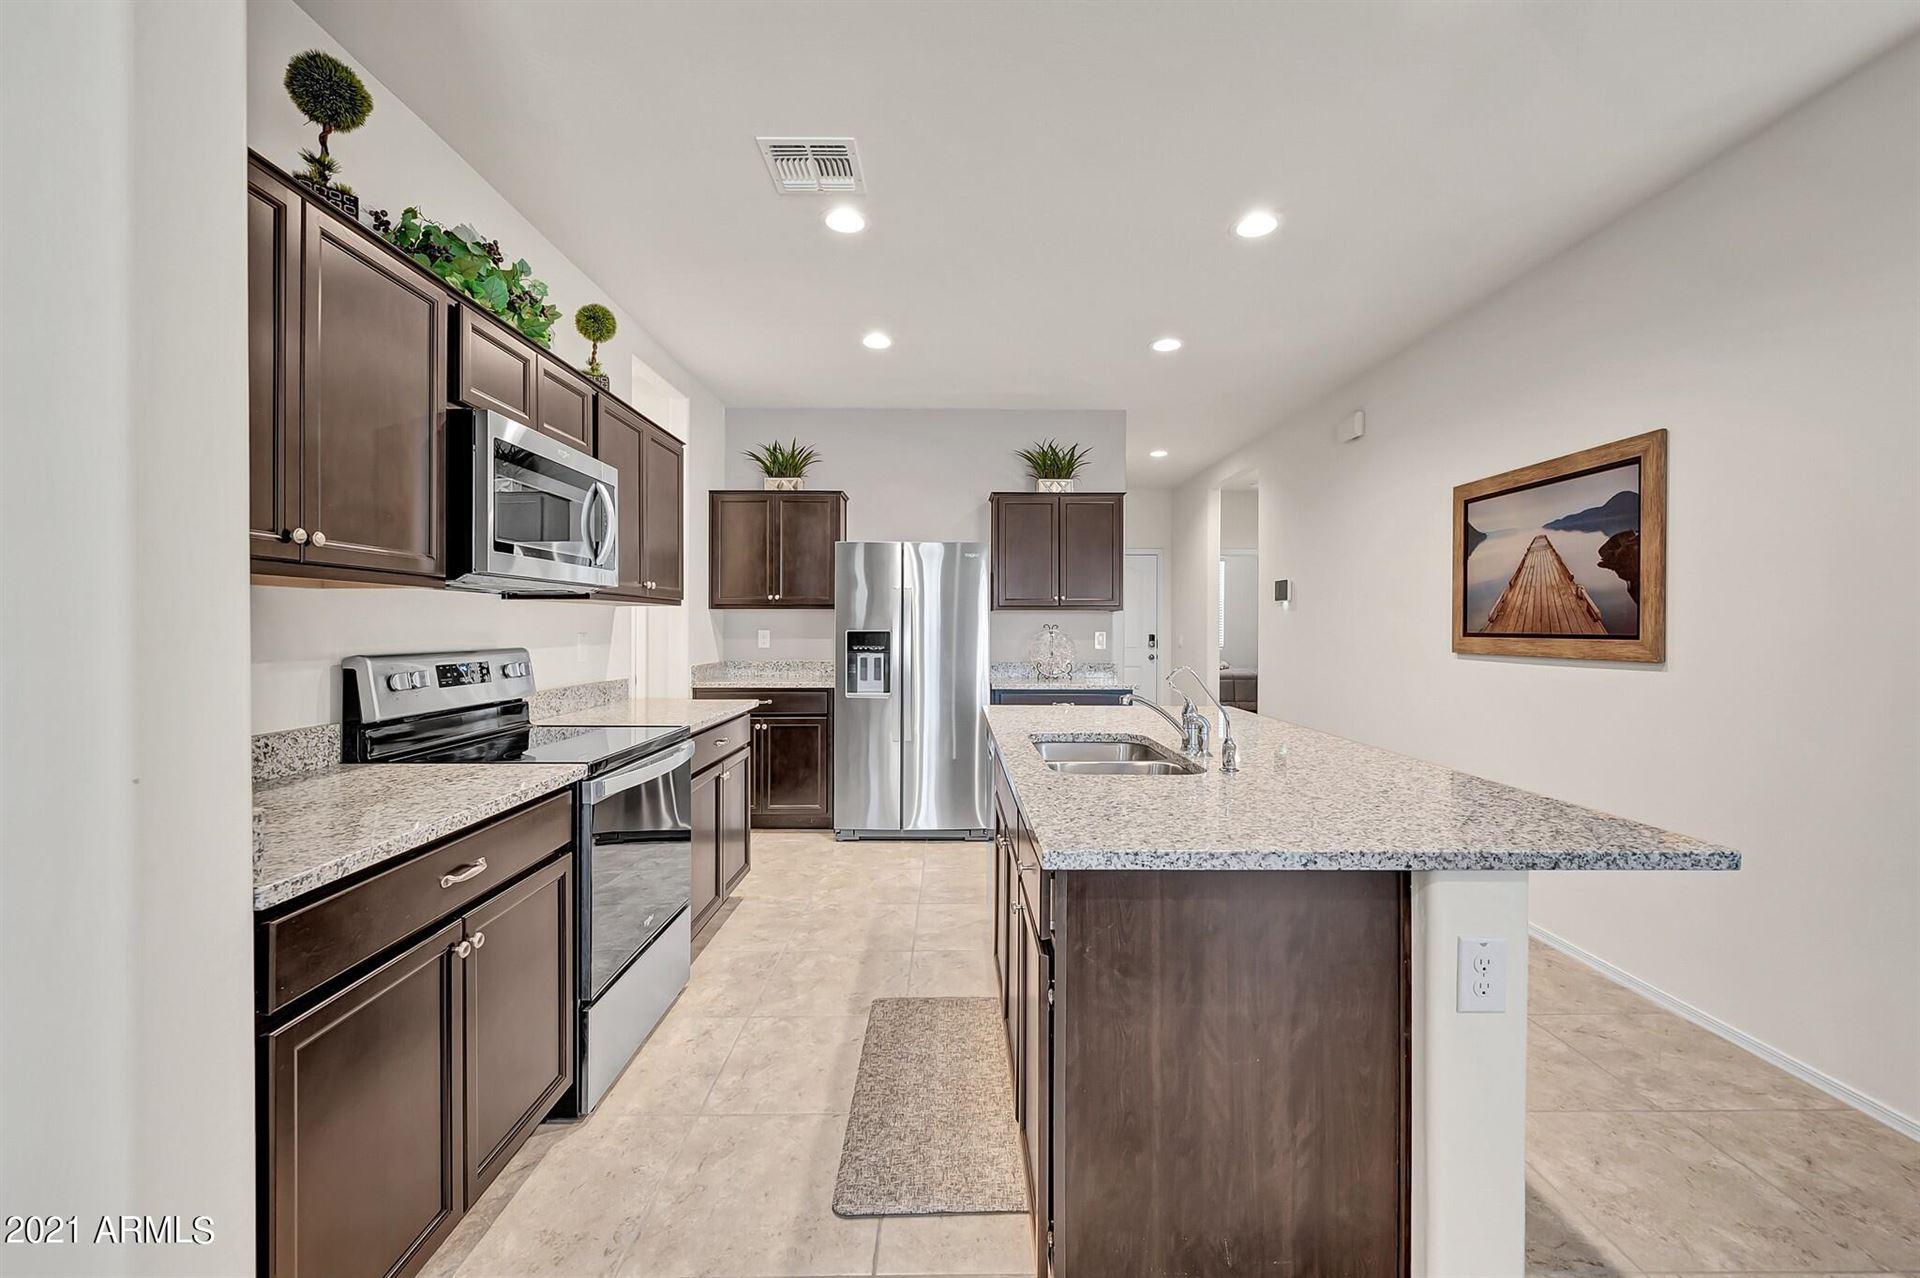 Photo of 36397 W Pampoloma Avenue, Maricopa, AZ 85138 (MLS # 6265965)